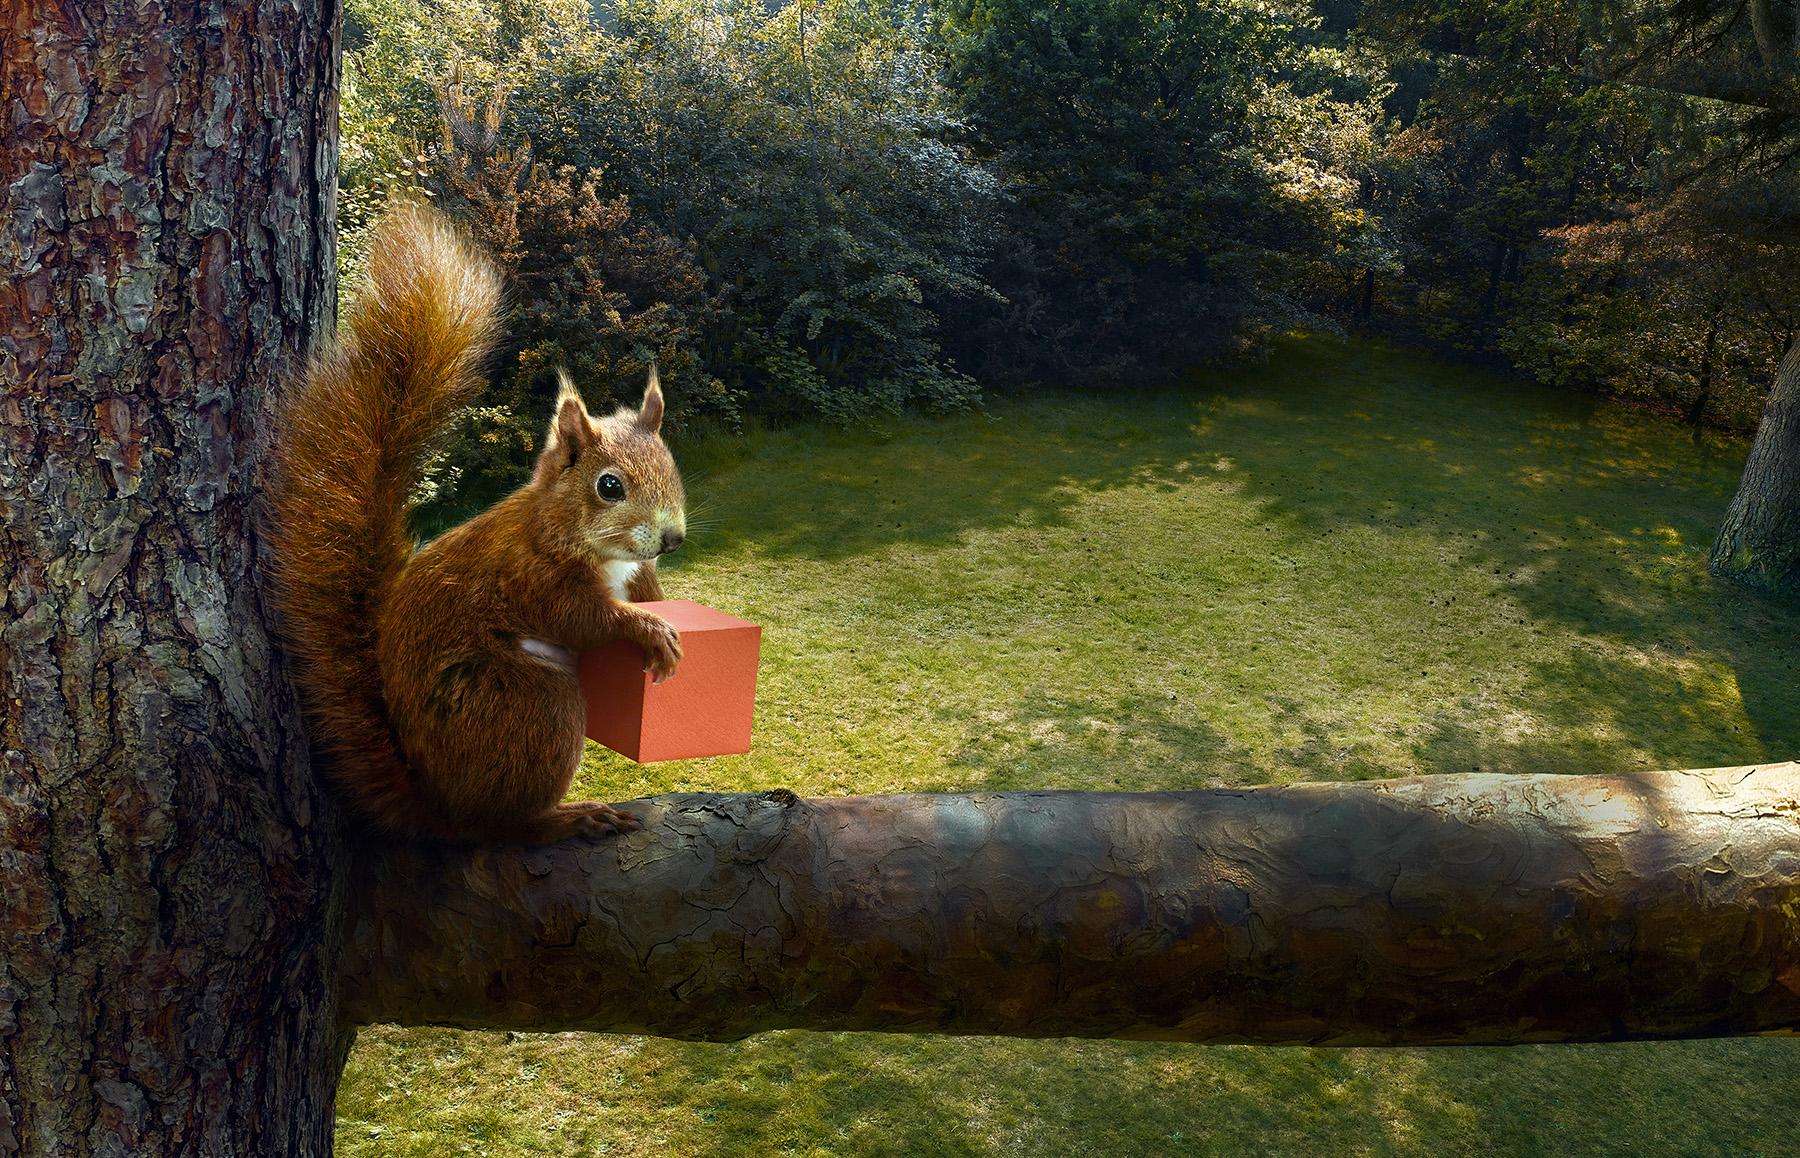 3064_Squirrel_48s_rgb_v2